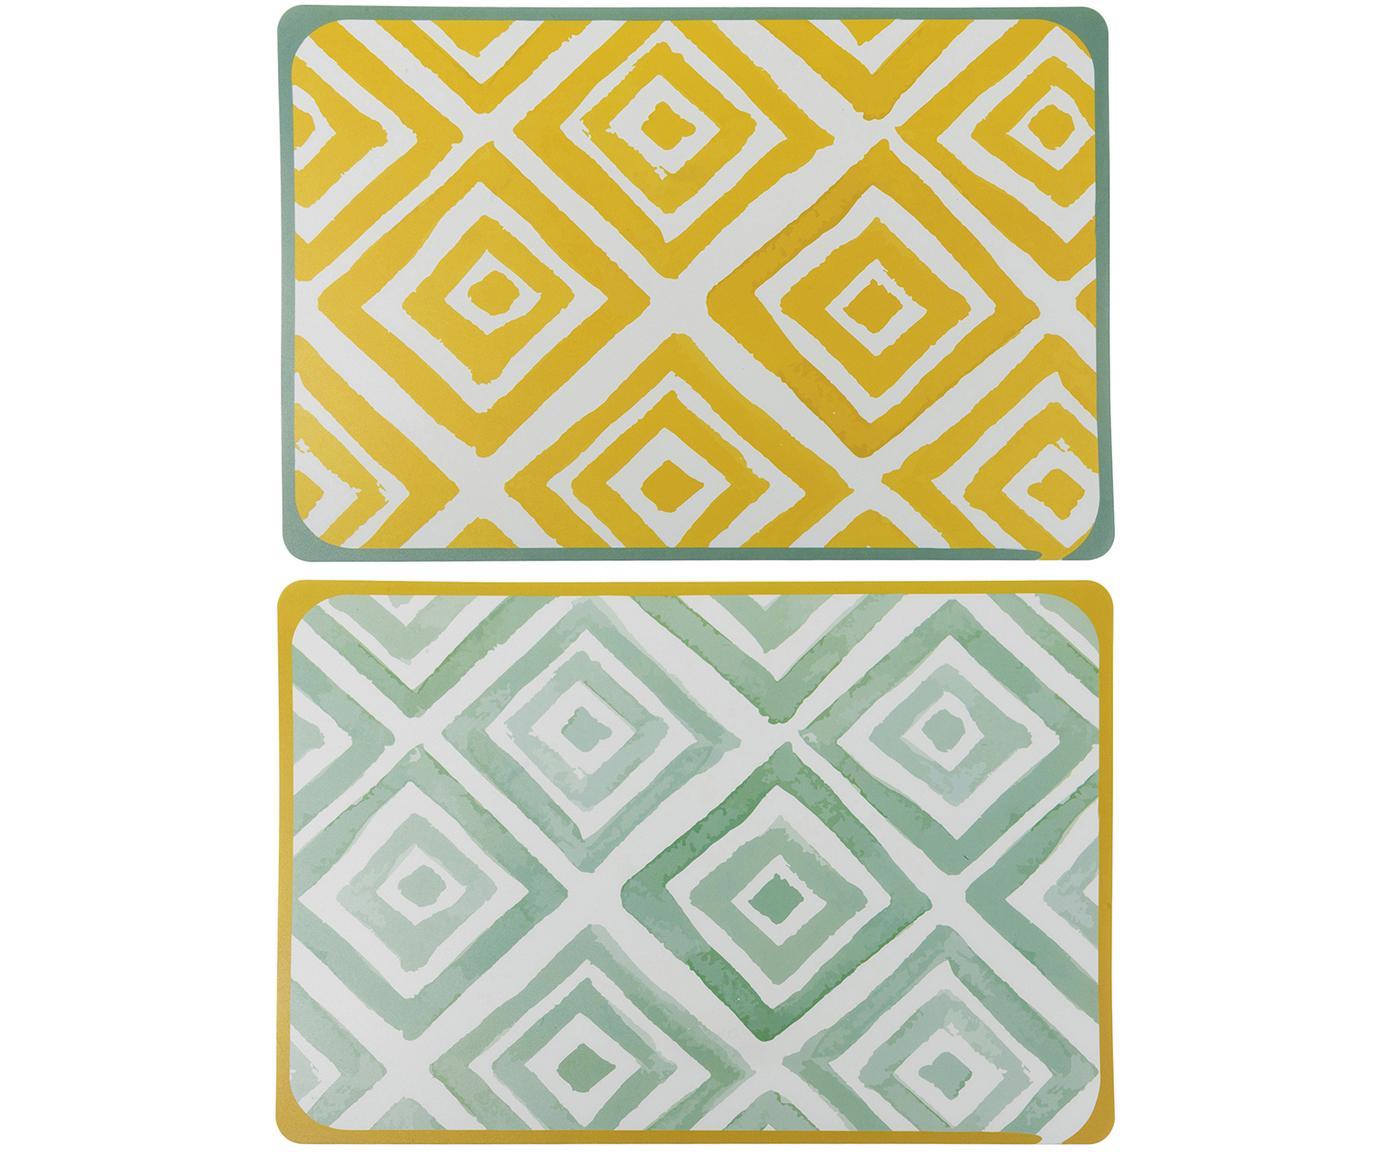 Komplet podkładek Oriental, 6 elem., Tworzywo sztuczne, Biały, zielony, żółty, S 45 x G 30 cm